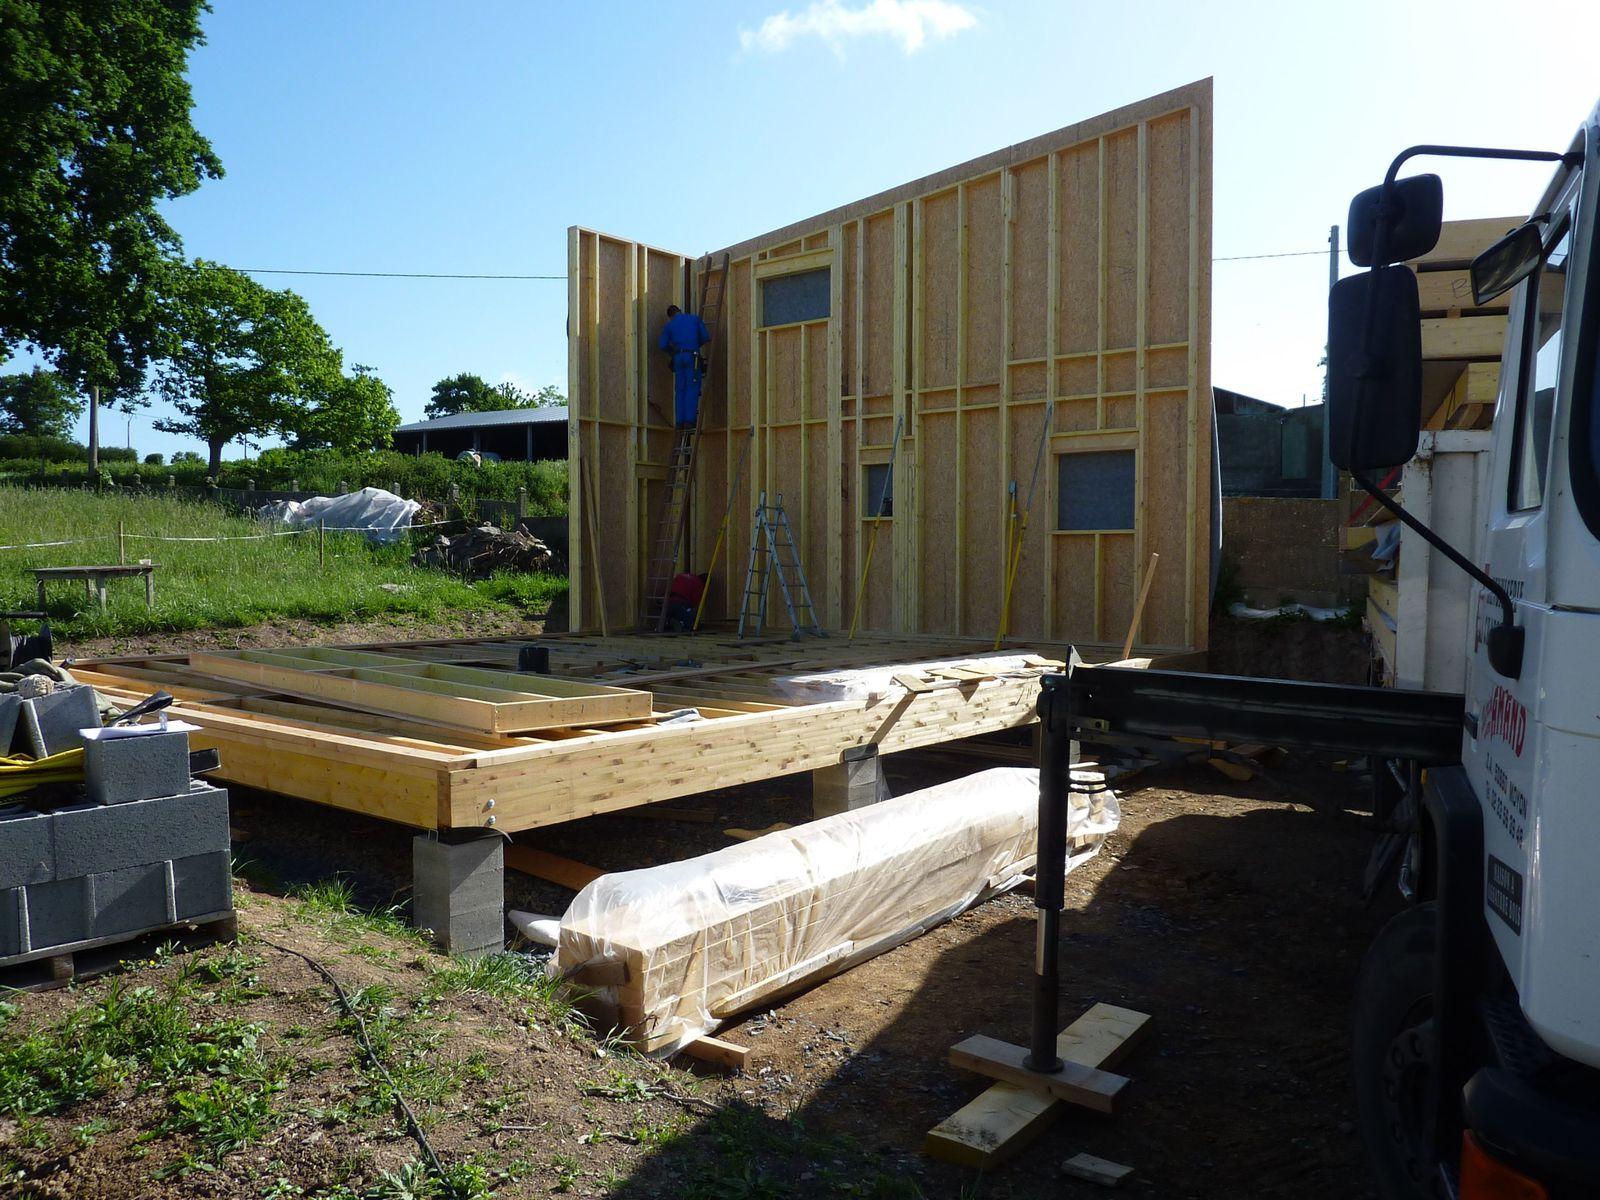 Maison ossature bois avantage rapidite notre for Avantage maison ossature bois